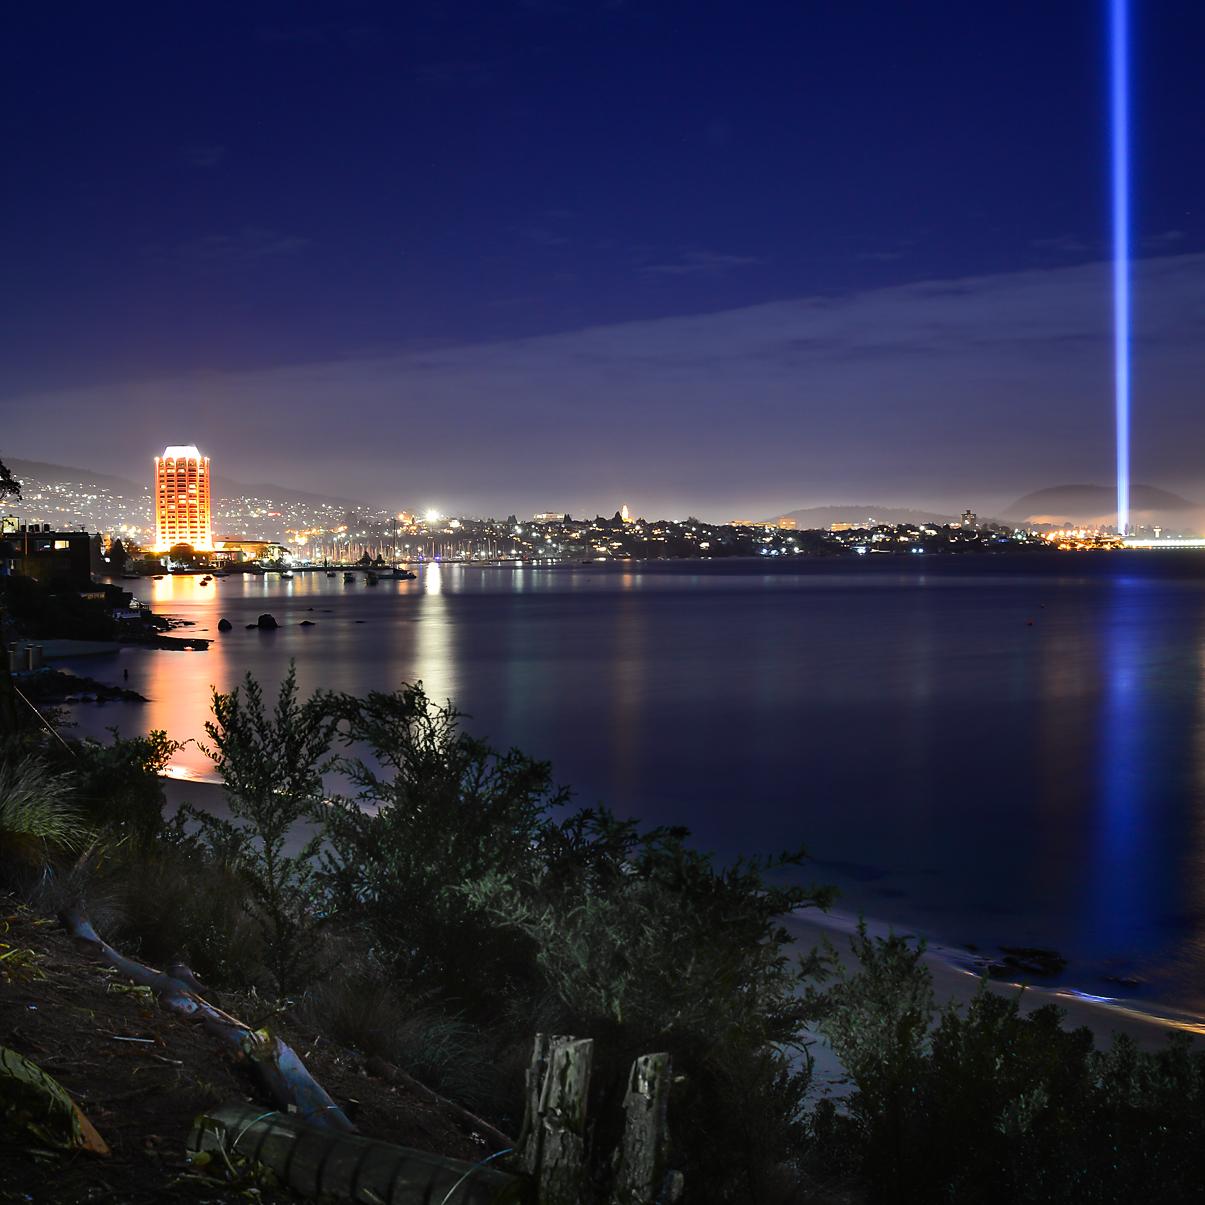 Wrest Point & Spectra Light Tower - DARK MOFO 2013 - Tasmania - Wilkography